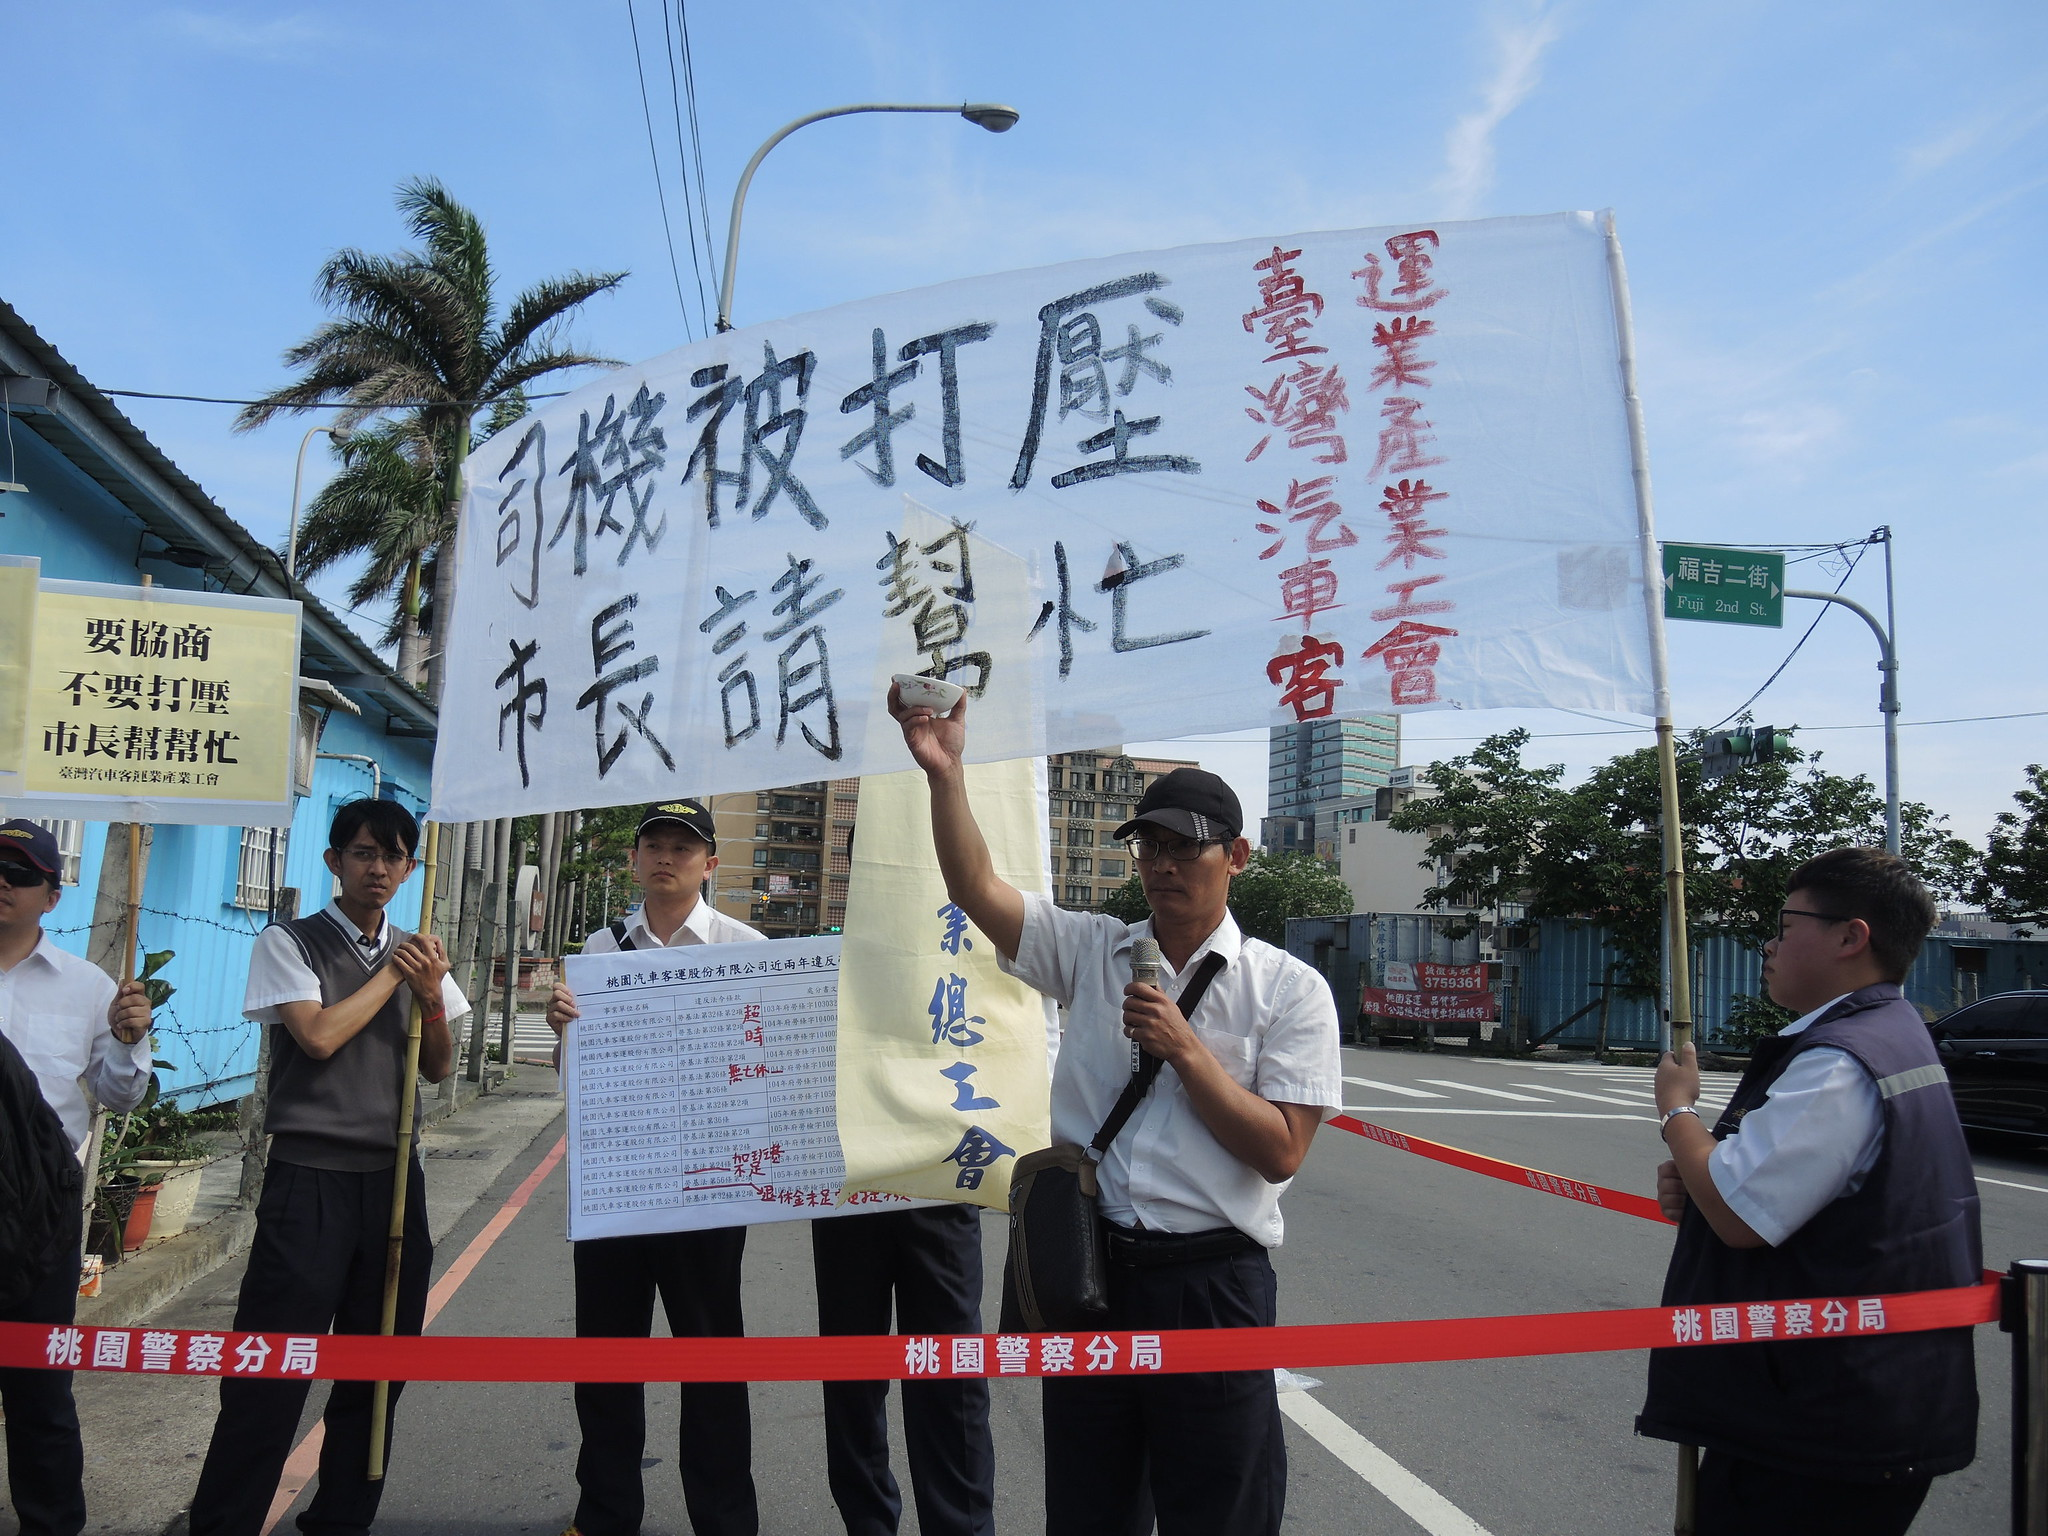 台灣汽車客運業產業工會理事張立宗拿起一隻碗,狠狠的放手任其摔裂,象徵過勞公車司機的生命就像是破碗一樣不受重視。(攝影:曾福全)